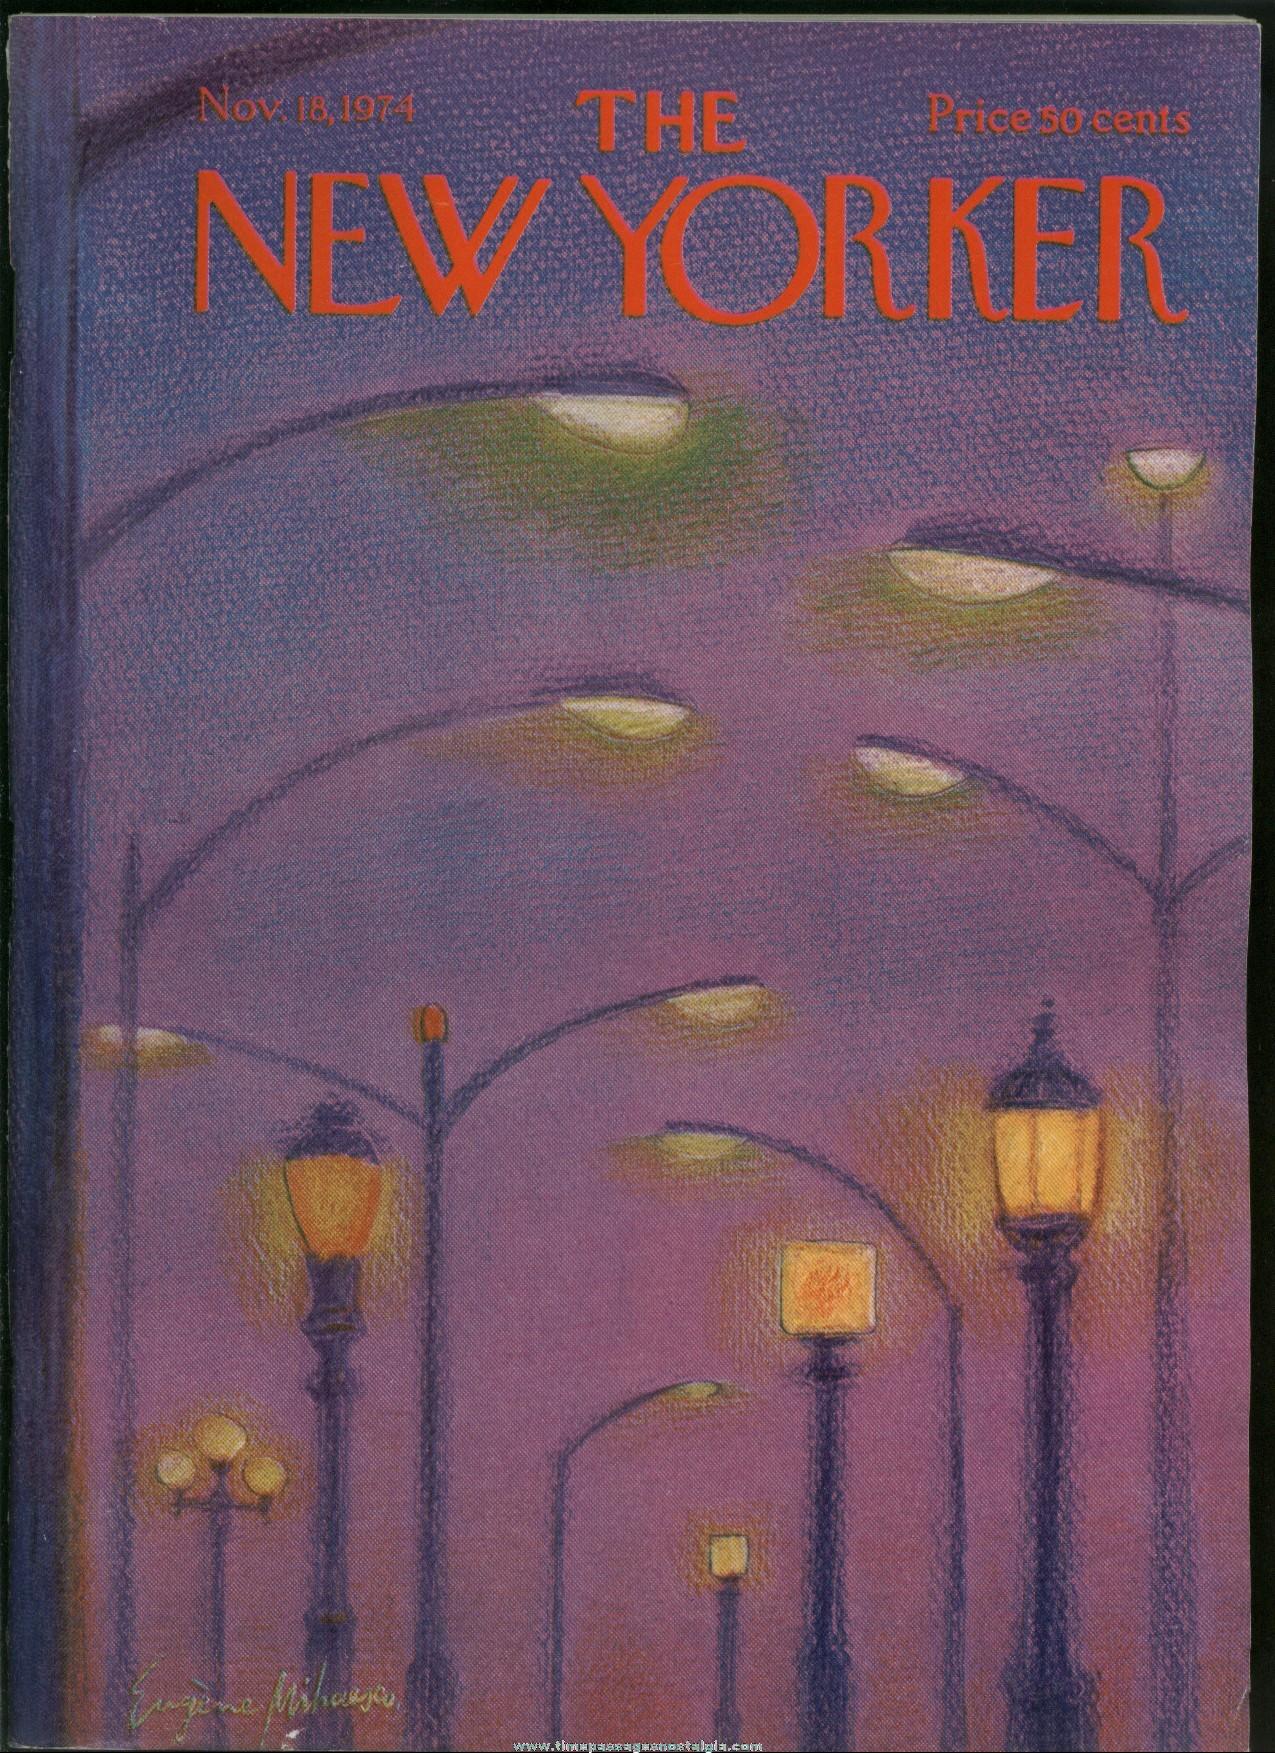 New Yorker Magazine - November 18, 1974 - Cover by Eugene Mihaesco